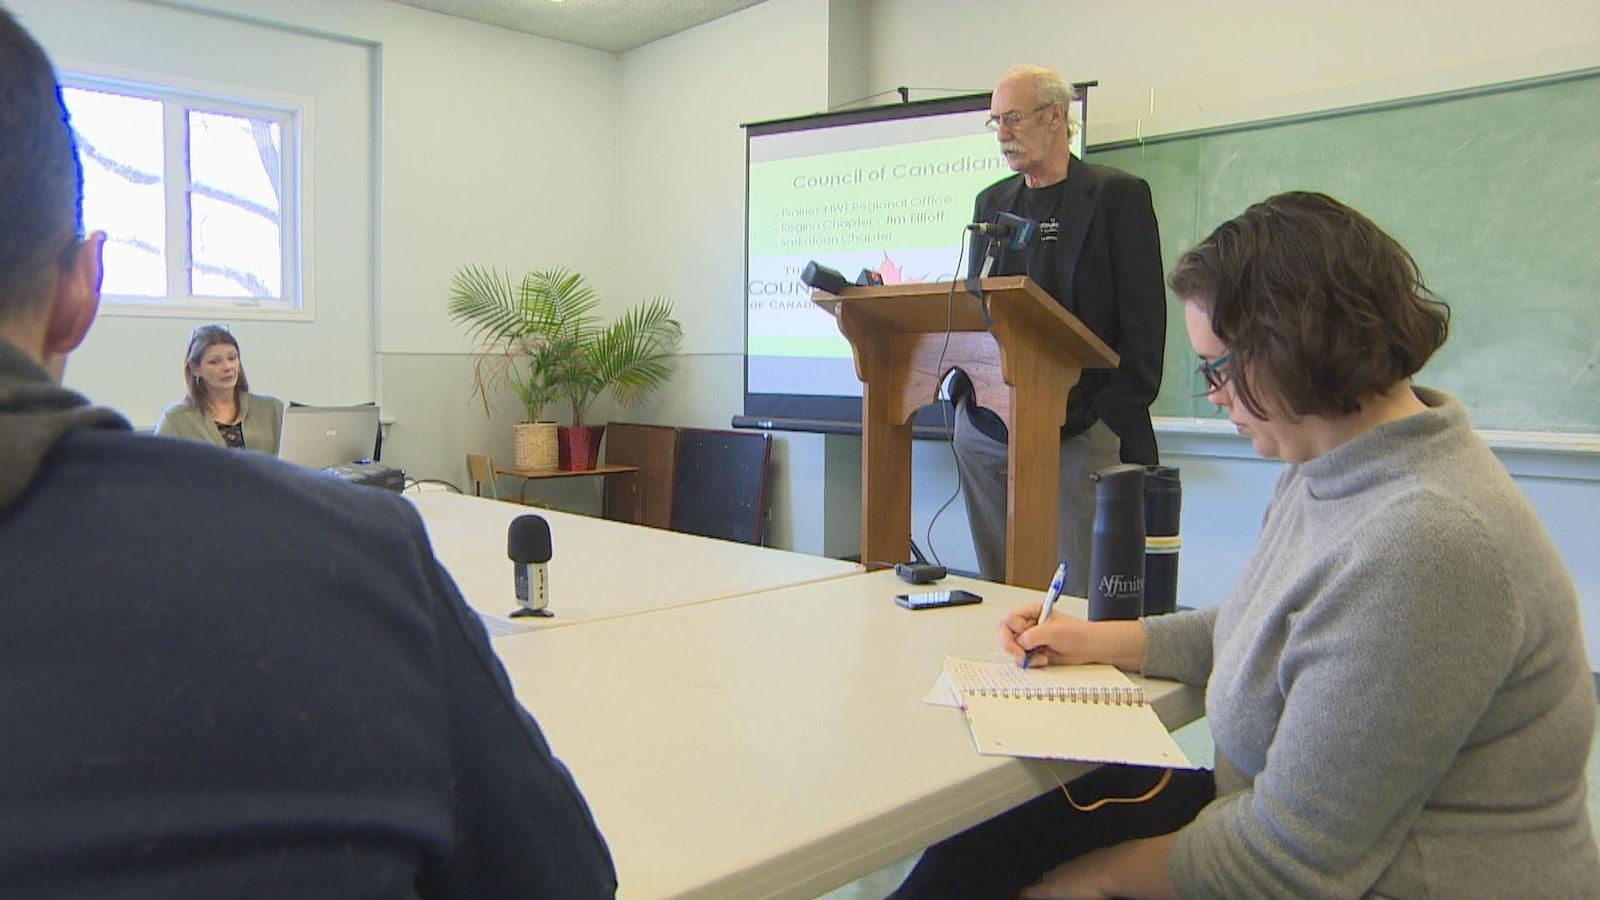 Un homme devant un lutrin parle à des gens qui prennent des notes.